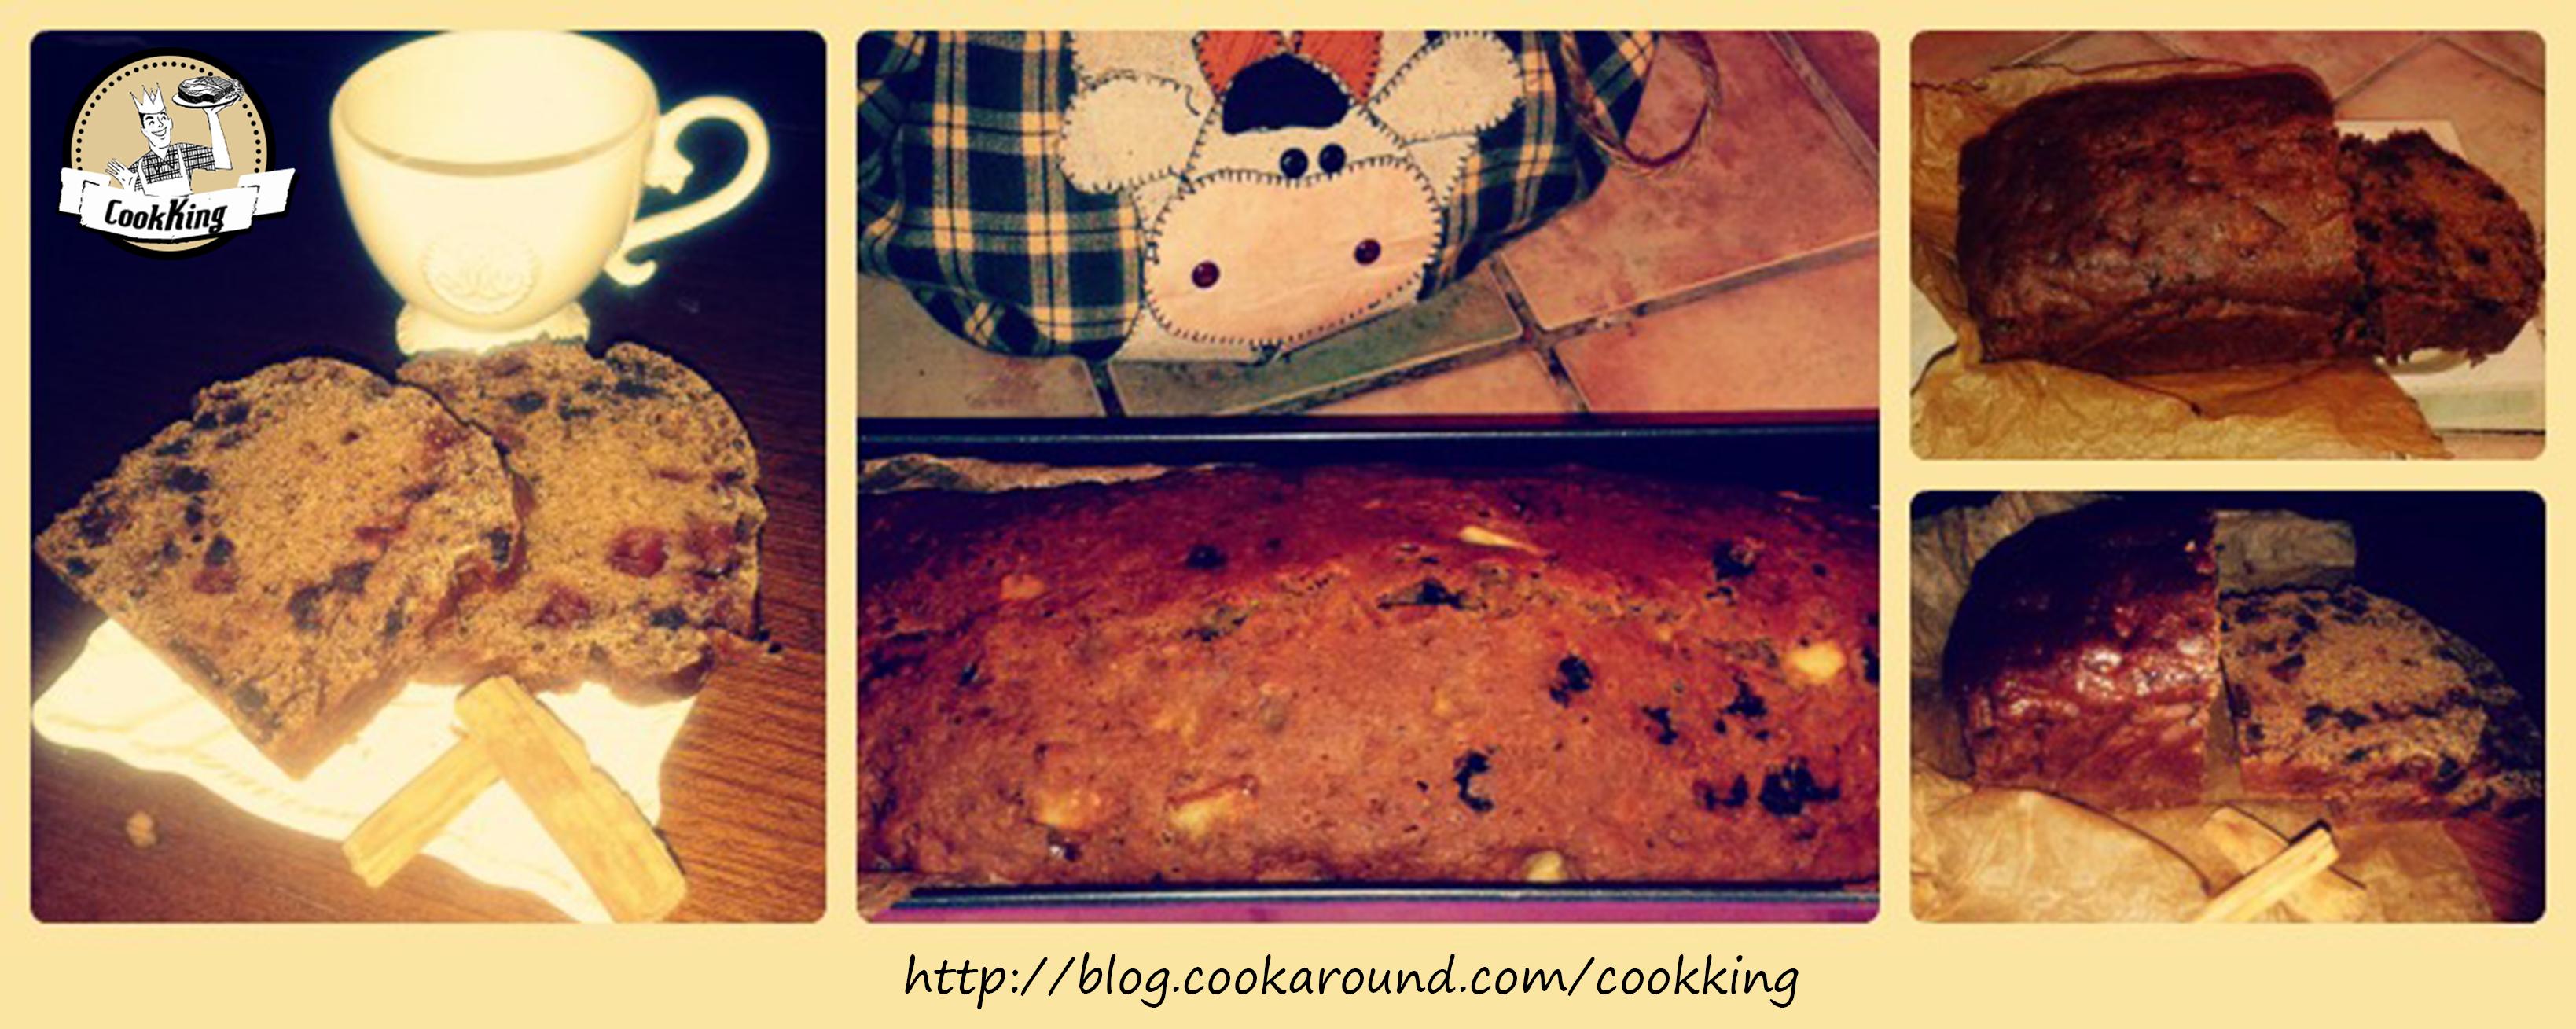 pLUM-CAKE INTEGRALE NOCCIOLE, MELE E CANNELLA SENZA UOVA E LIEVITI Collage - CookKING